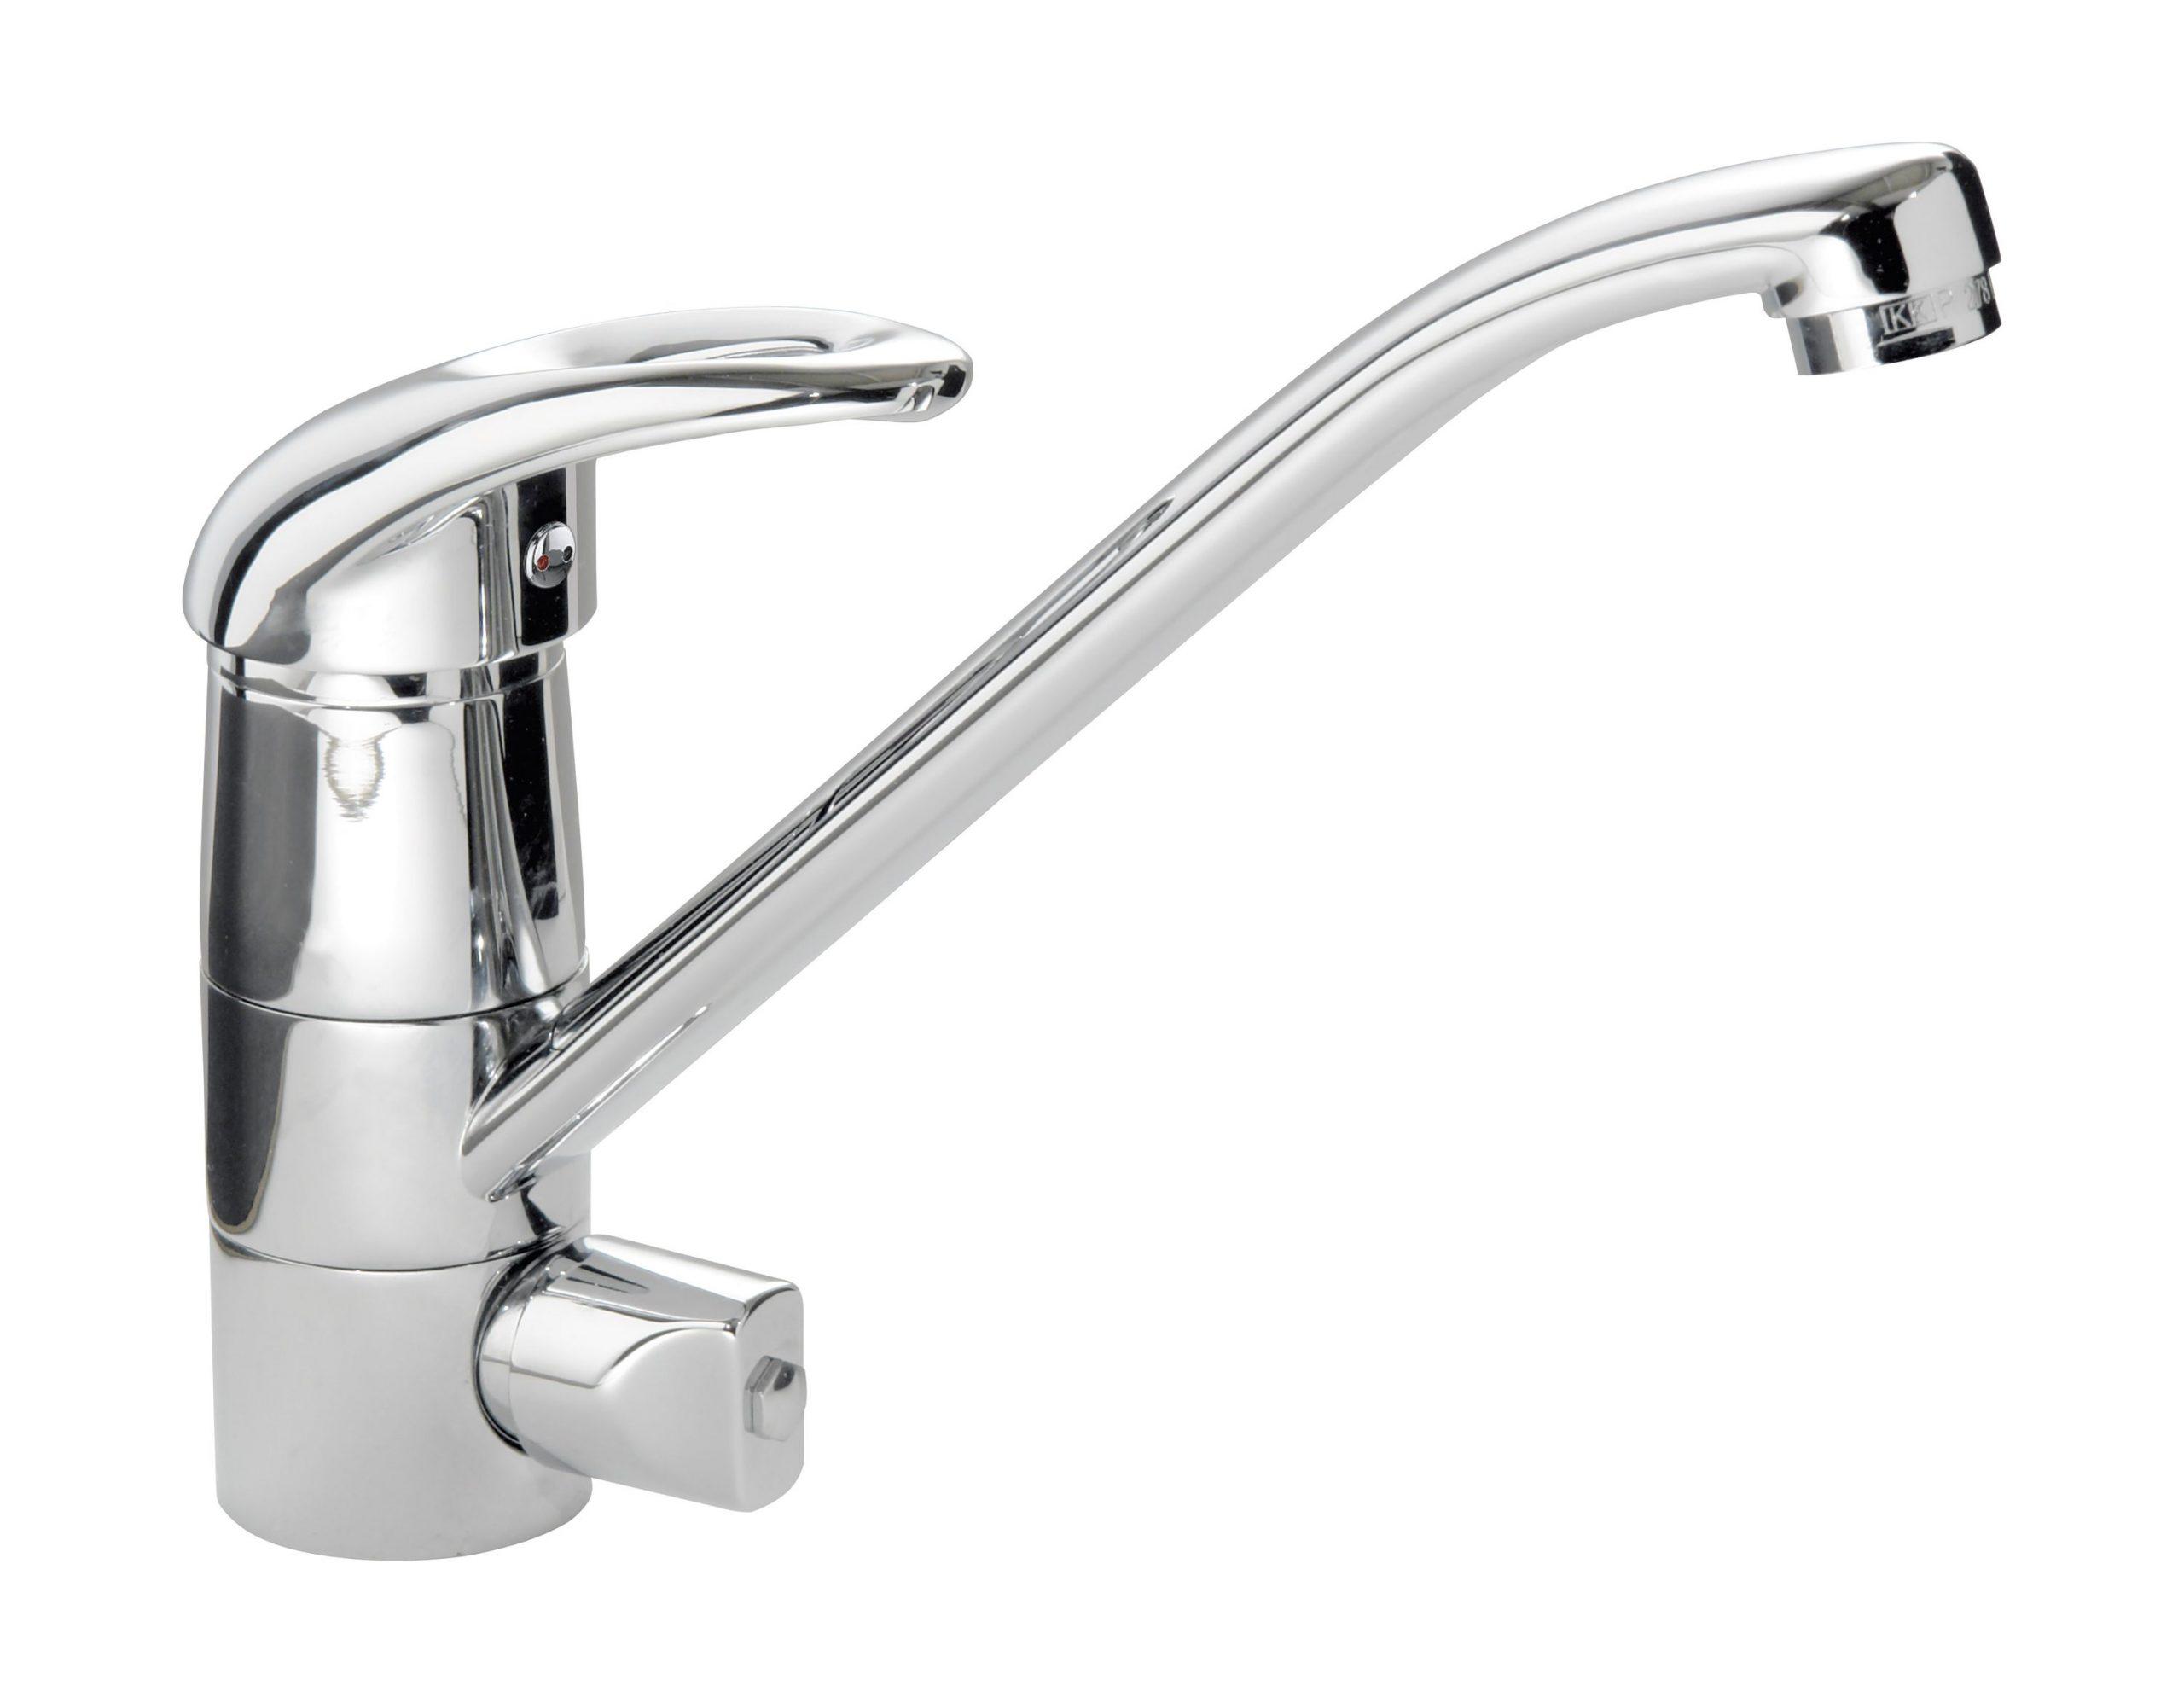 Full Size of Küche Wasserhahn Mit Brause Blanco Küche Wasserhahn Installieren Küche Wasserhahn Für Boiler Küche Wasserhahn Kaufen Küche Küche Wasserhahn